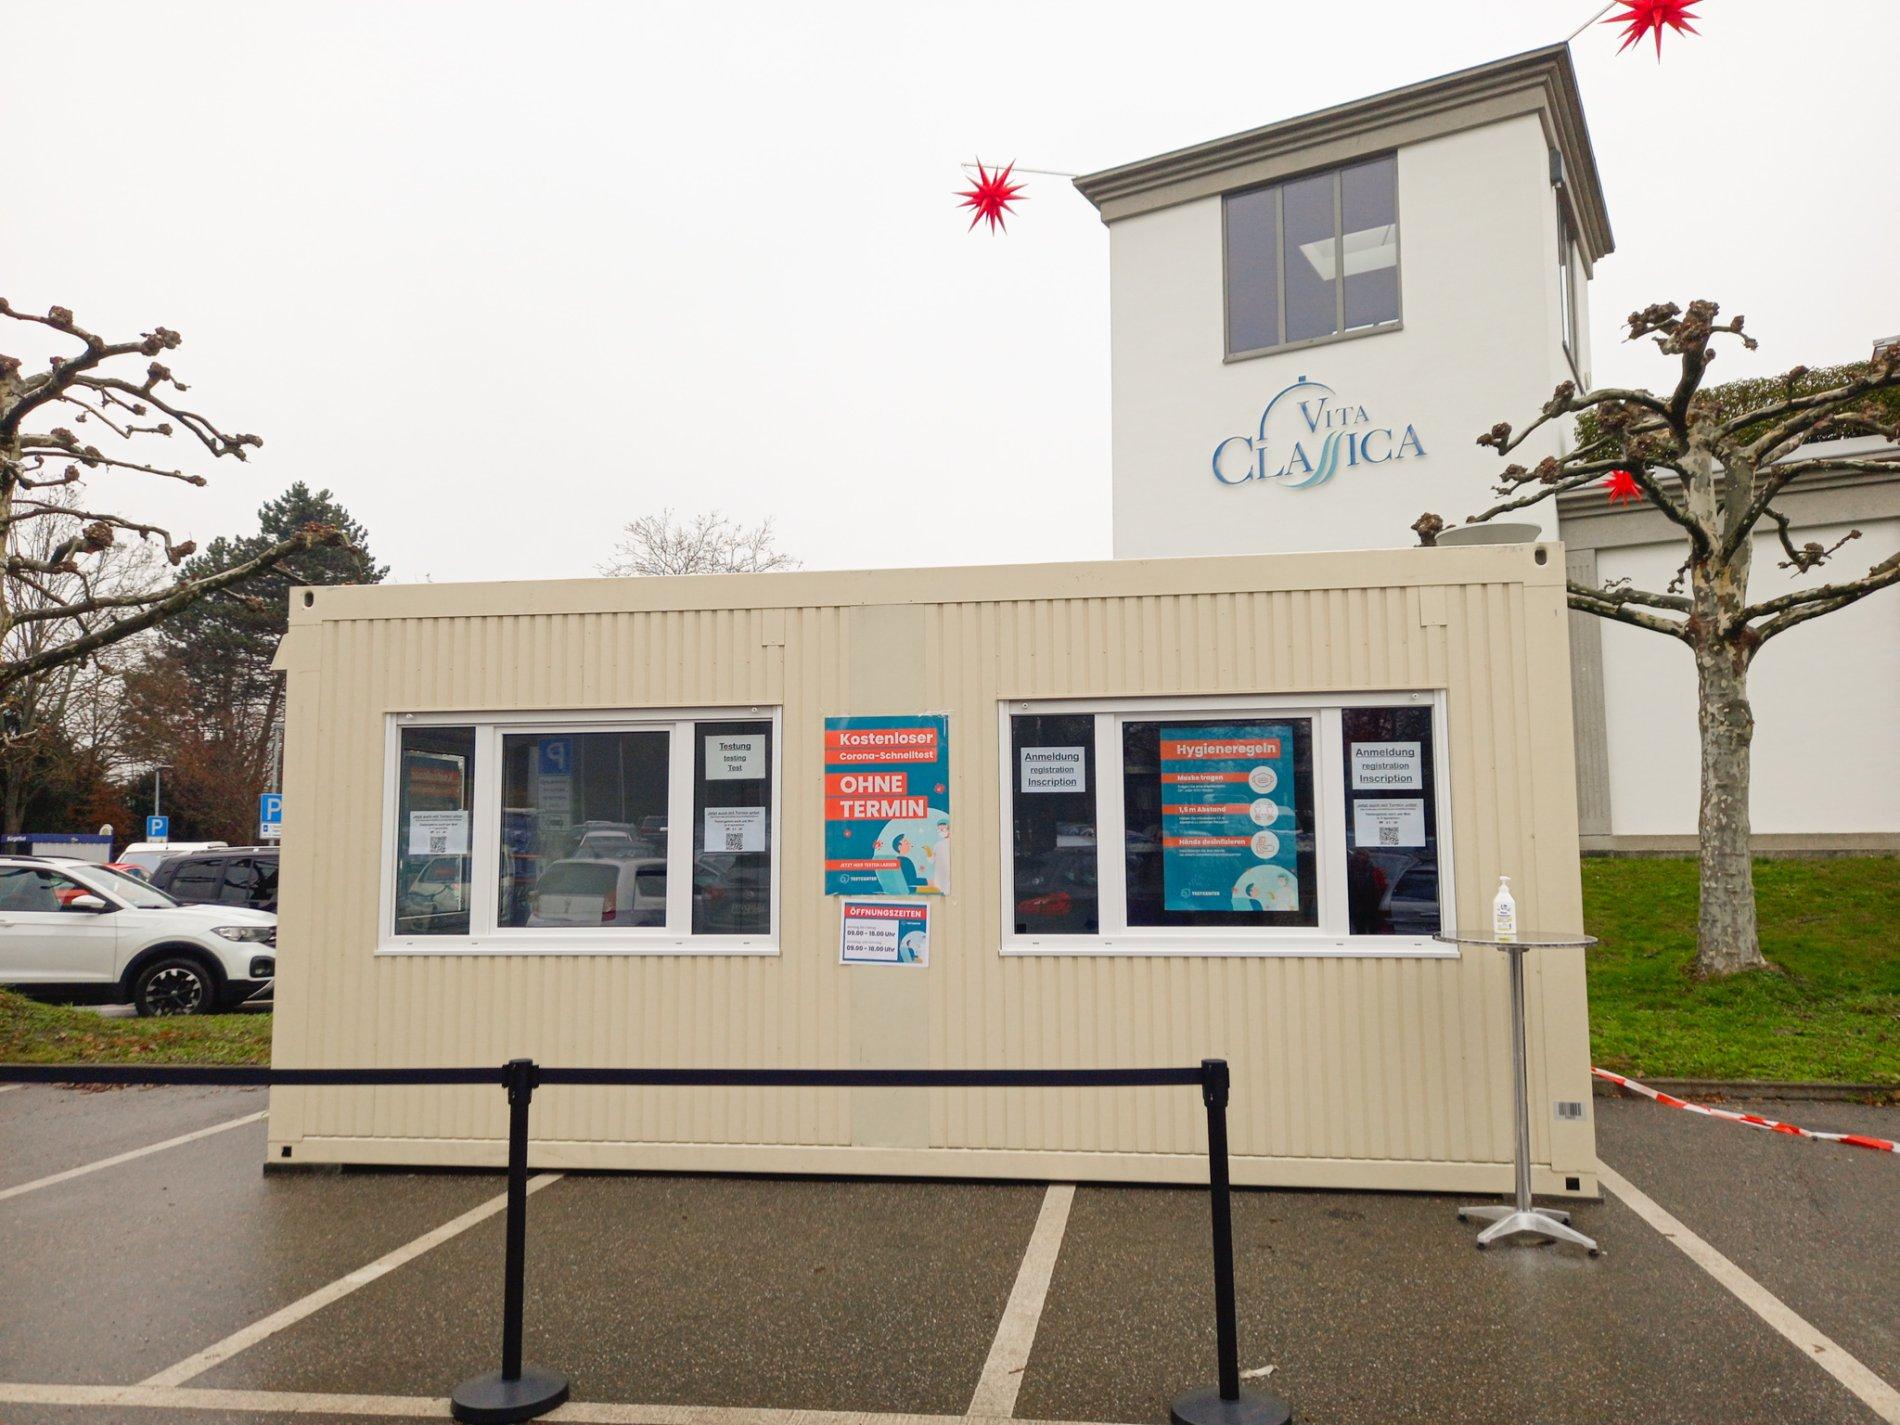 Mobile Teststation auf dem Parkplatz der Vita Classica-Therme